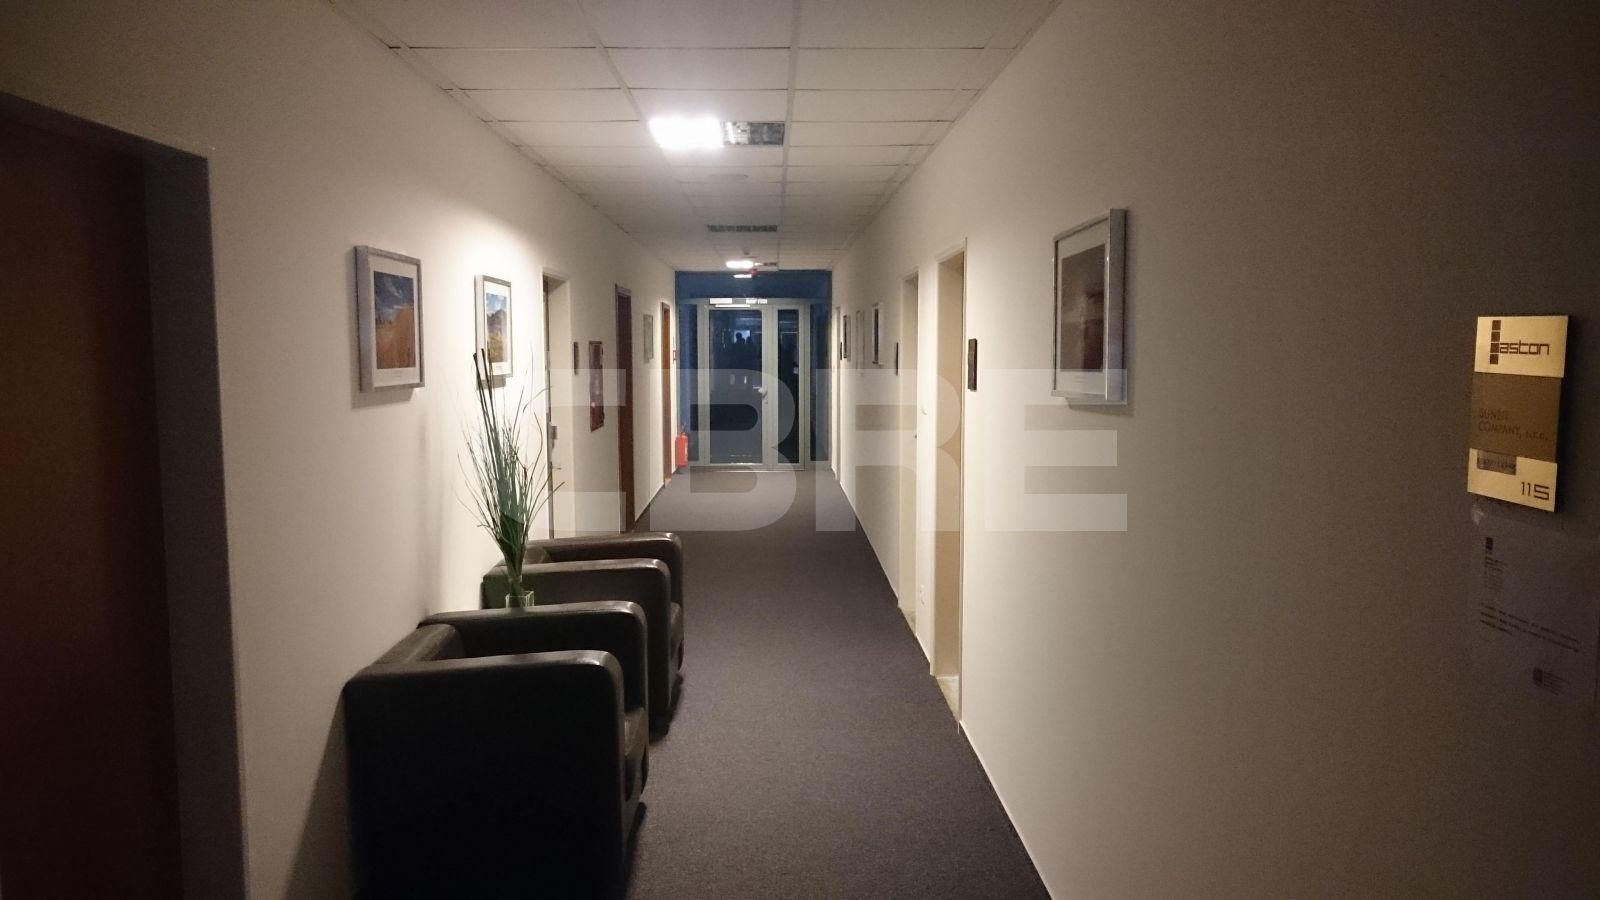 Aston - Bajkalská 22, Bratislava - Ružinov | Prenájom kancelárií od CBRE | 4